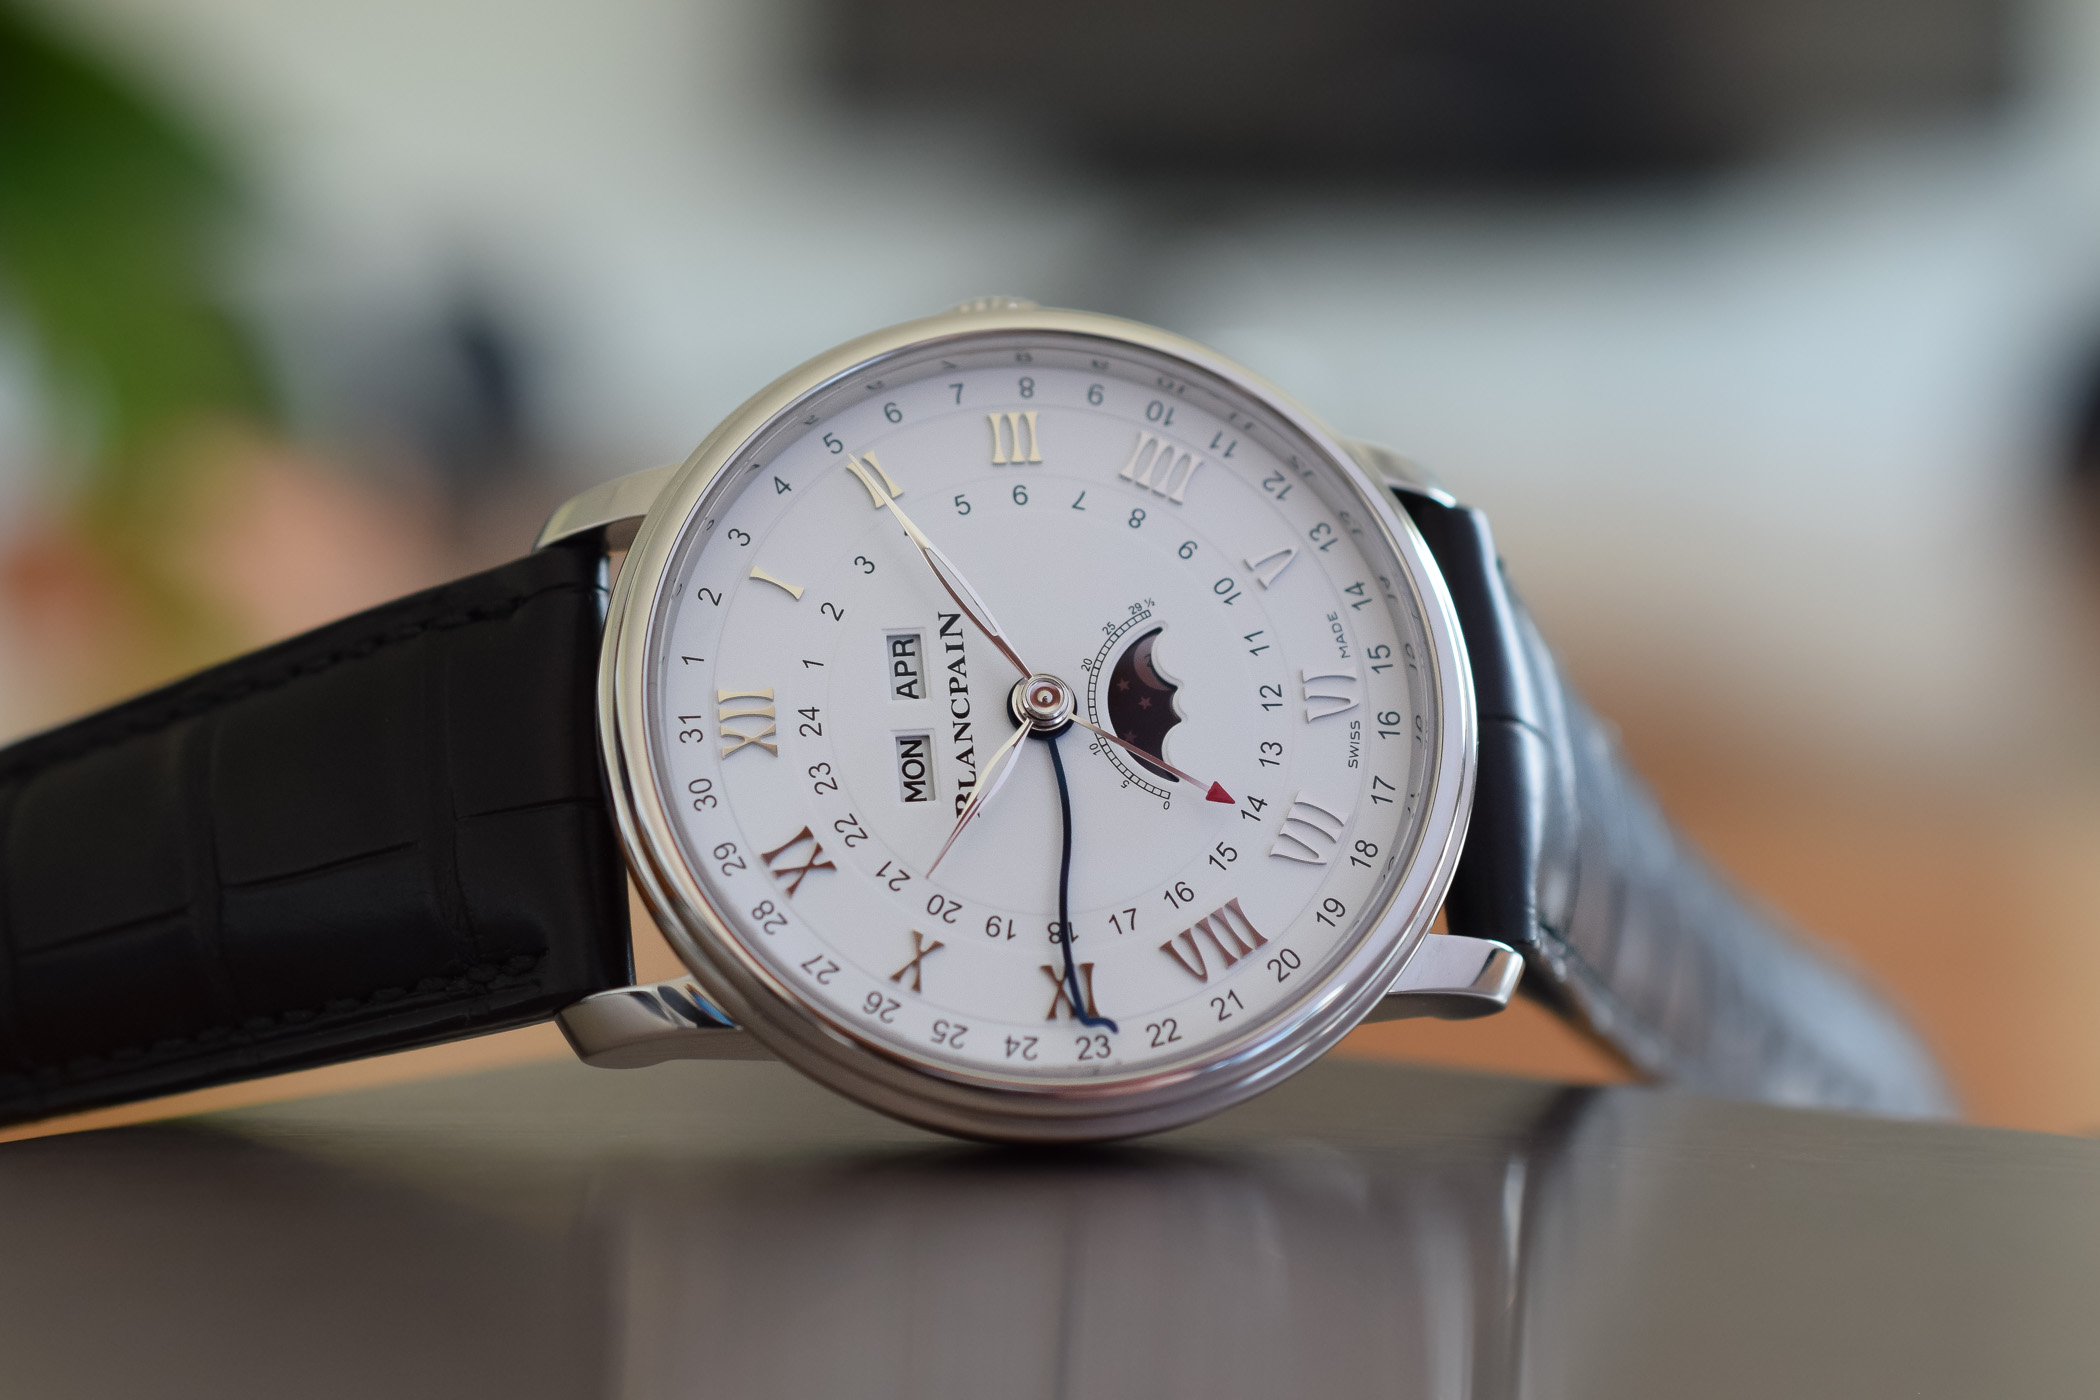 Blancpain Villeret Quantieme Complet GMT 6676